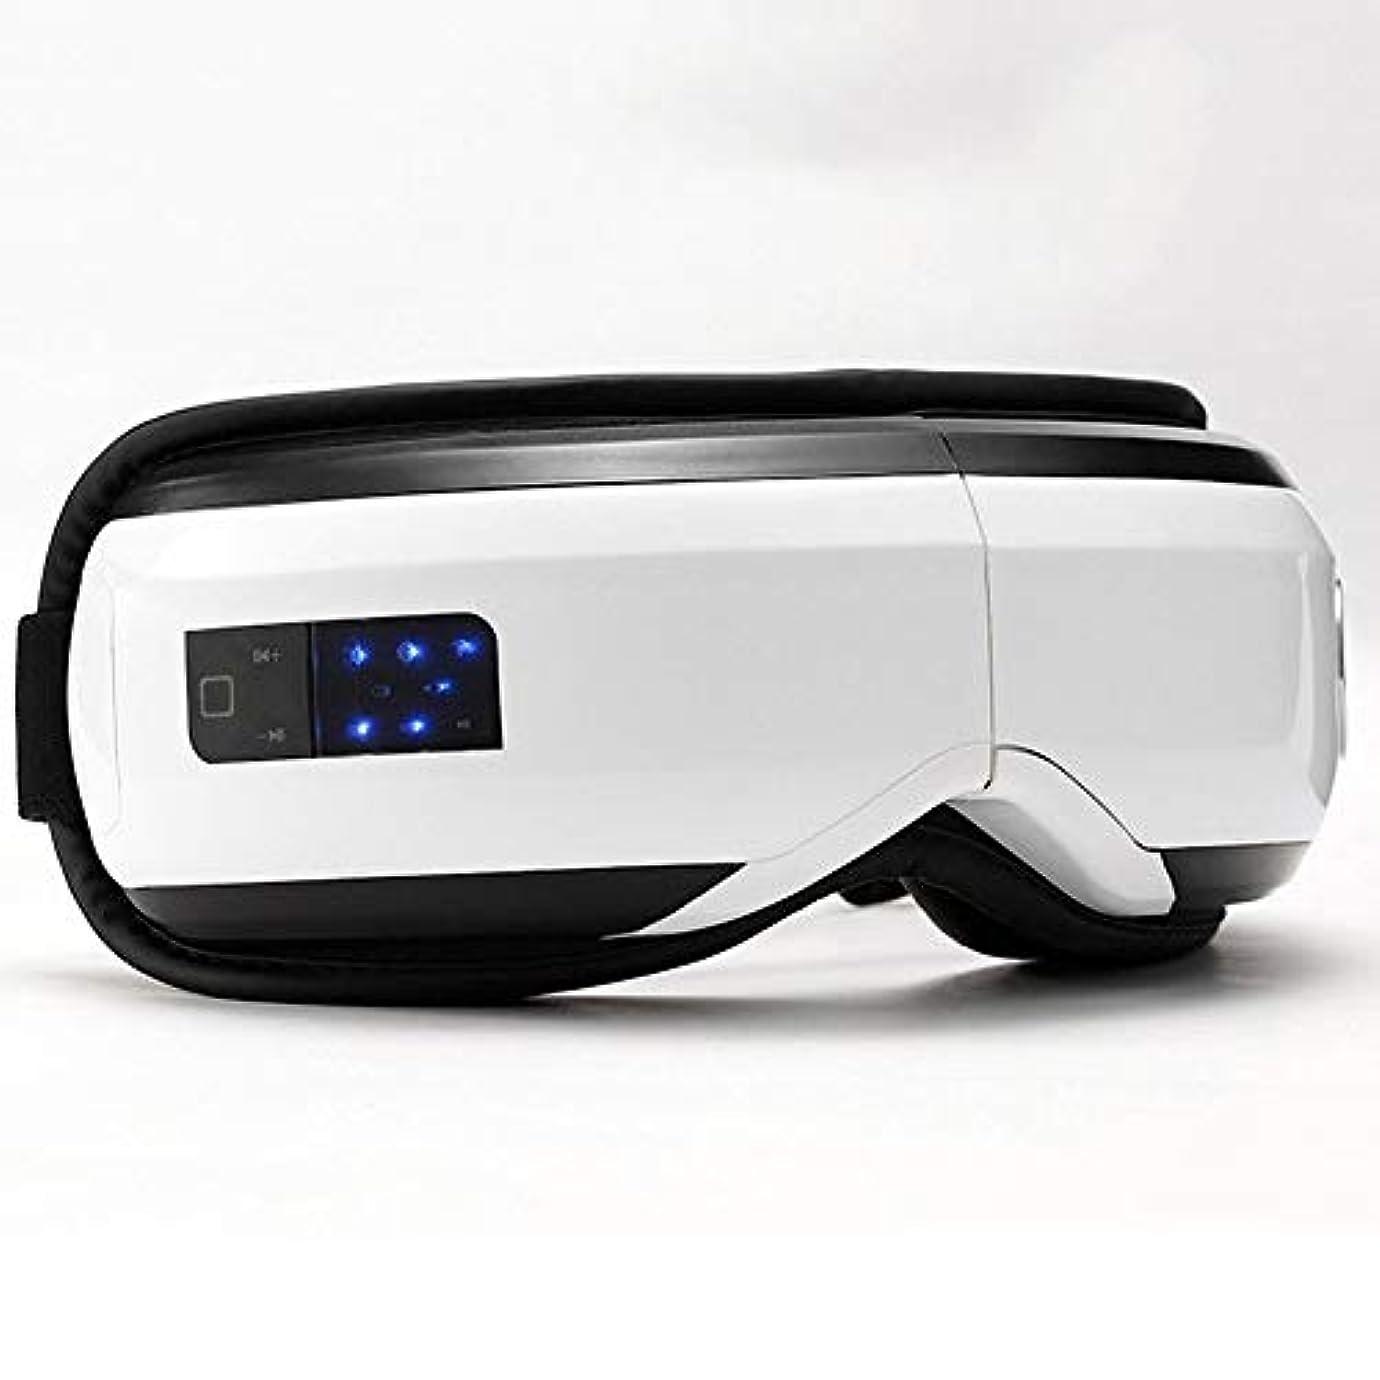 ネーピア債権者顕微鏡Ruzzy 暖房付きの高度な音楽電動アイマッサージャー 購入へようこそ